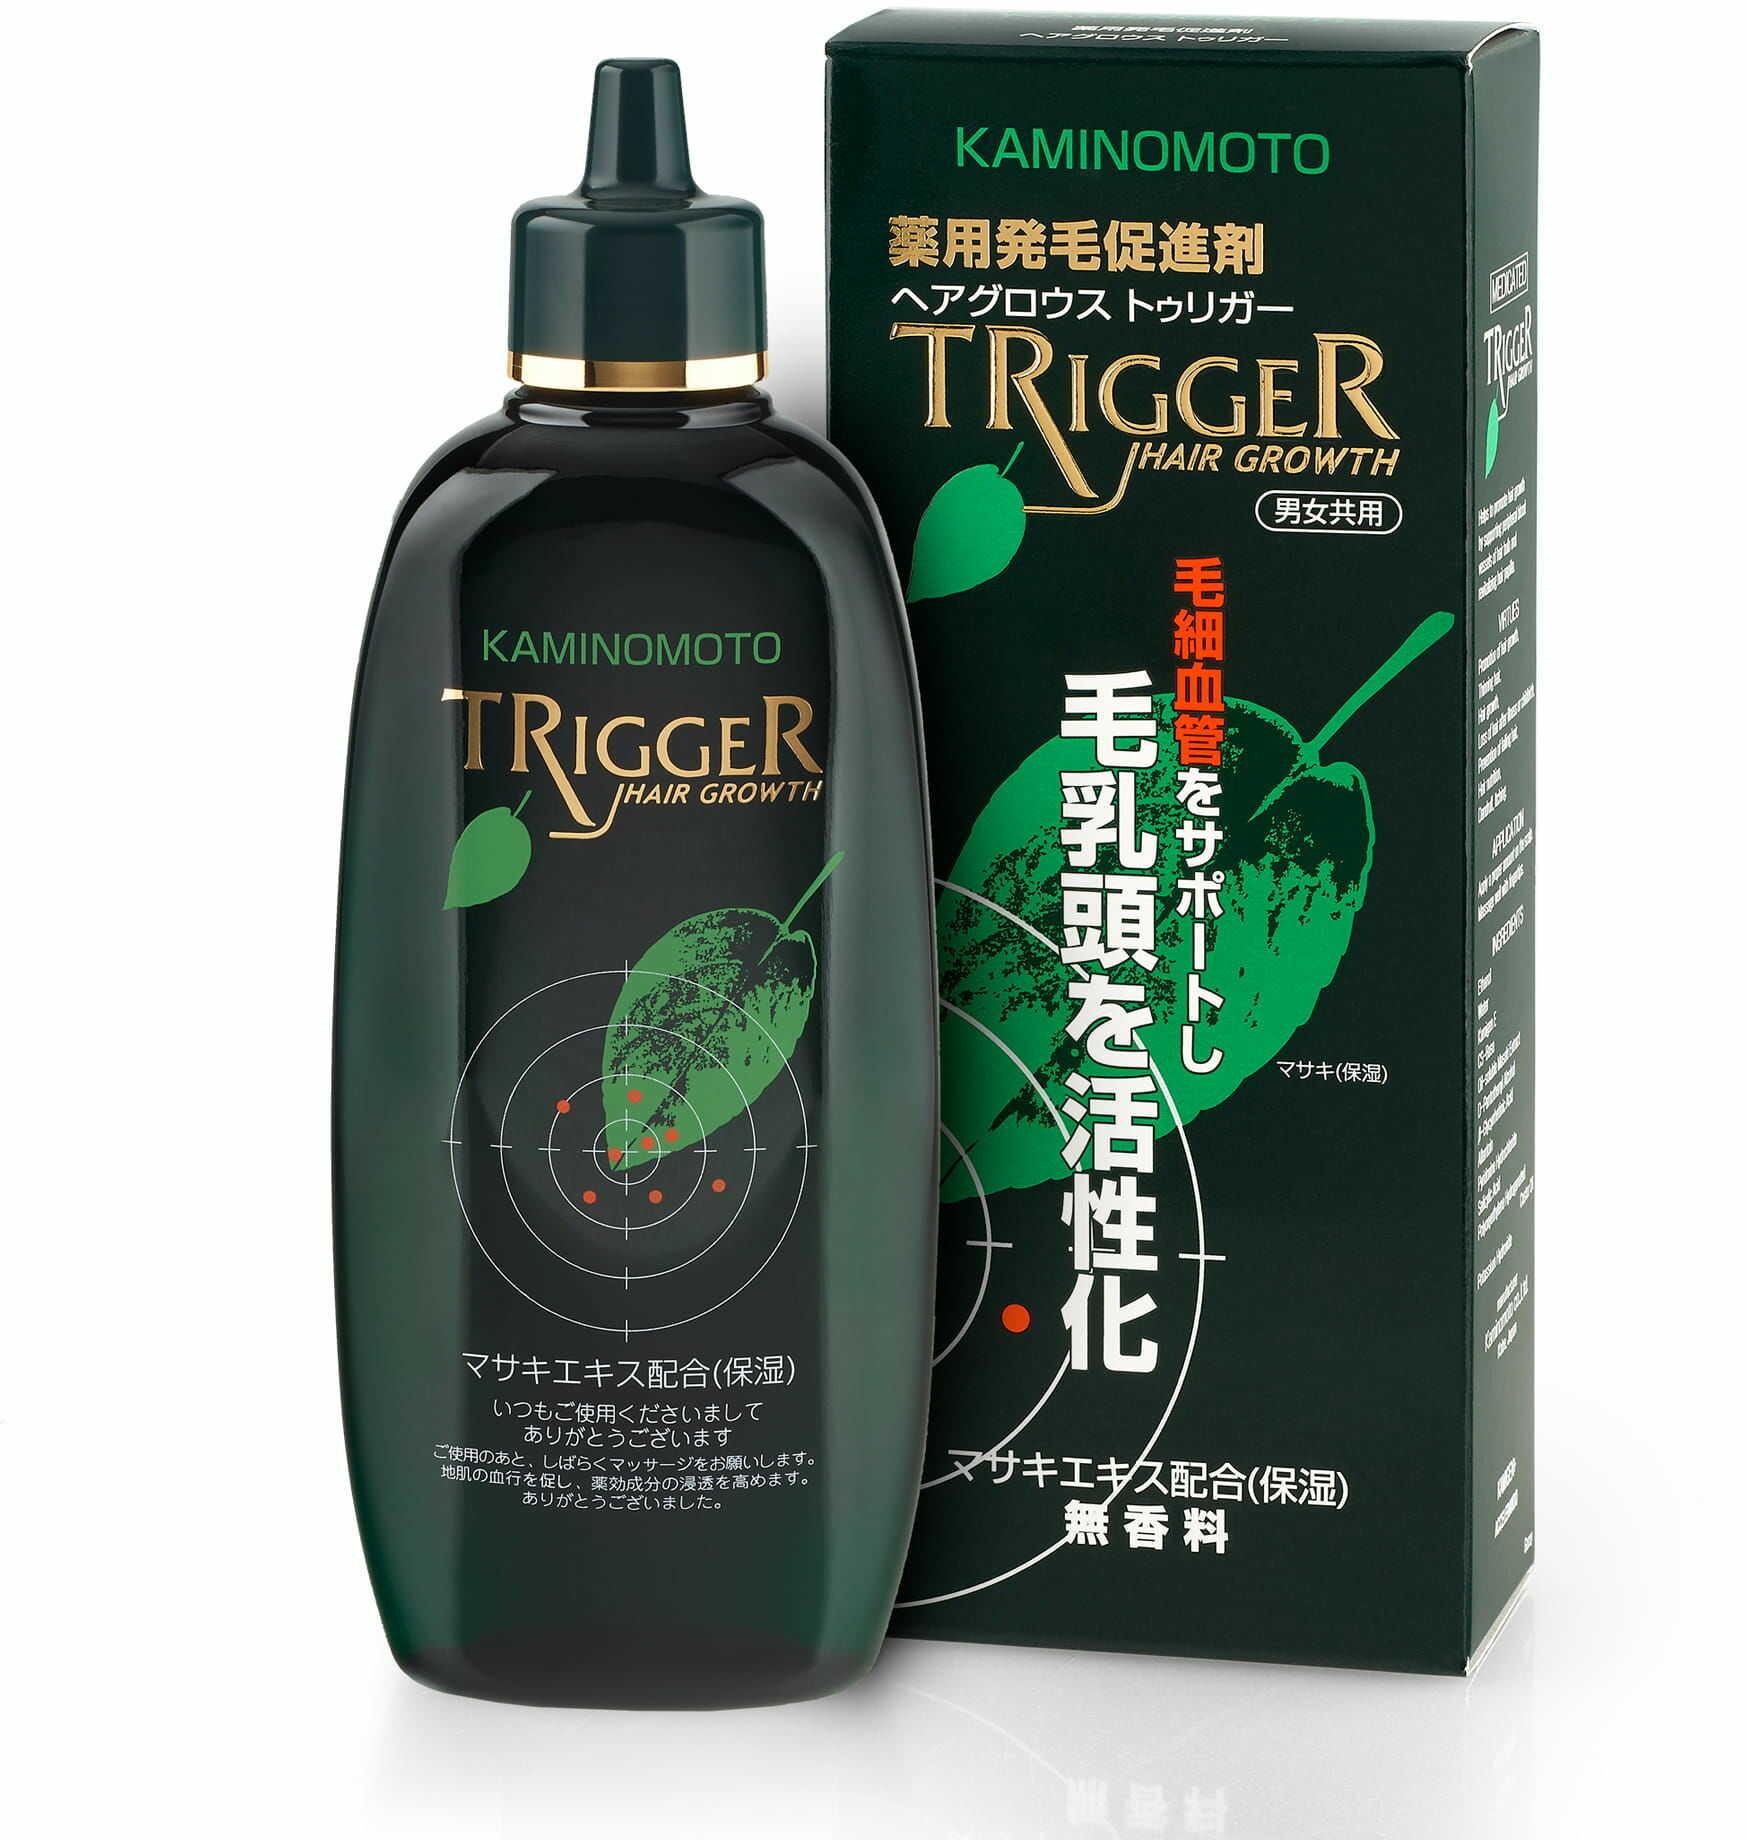 KAMINOMOTO Hair Growth Trigger - kuracja zapobiegająca wypadaniu włosów 180ml